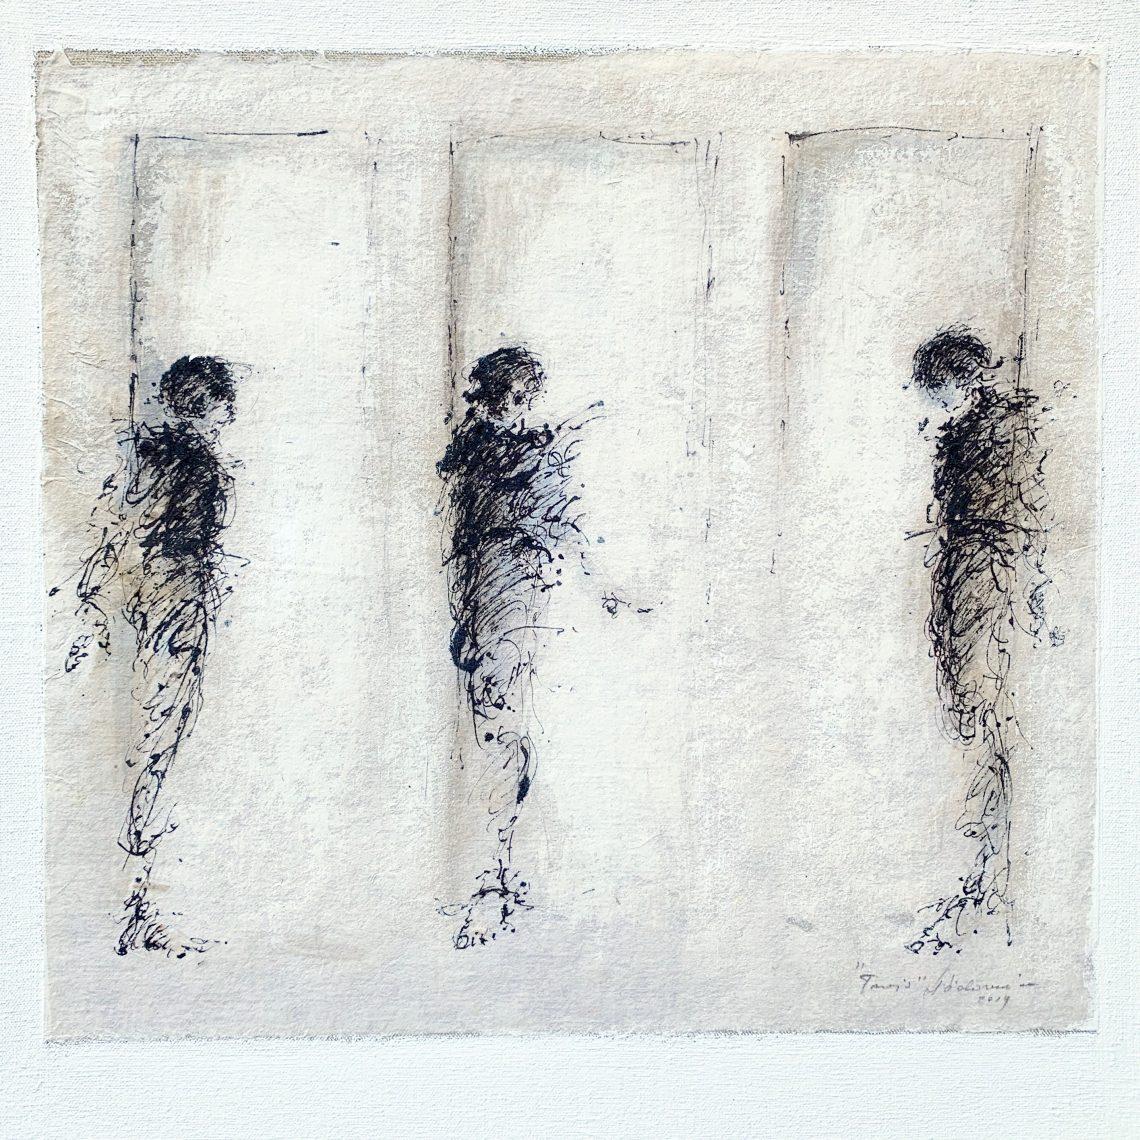 collectionneur d'Art Sidorowicz, Trois, 2019